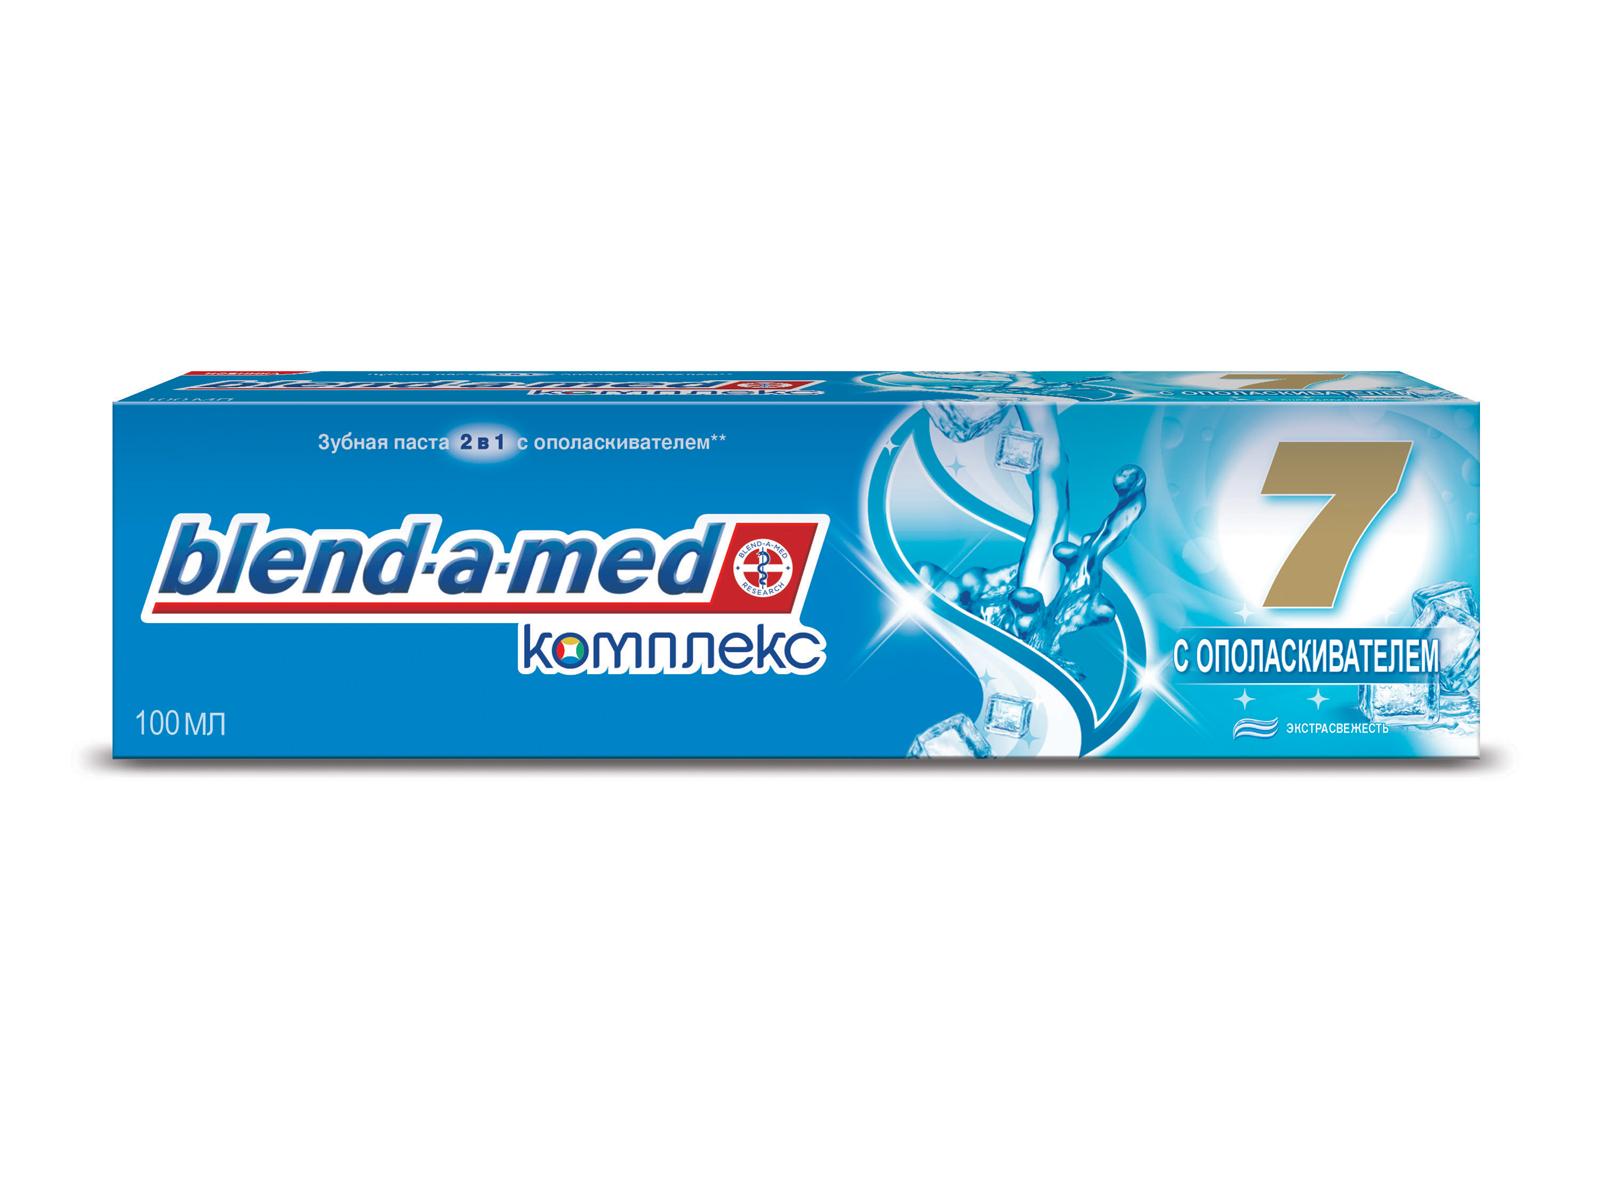 Blend-a-med Зубная паста Комплекс 7 Экстра Свежесть с ополаскивателем, 100 мл